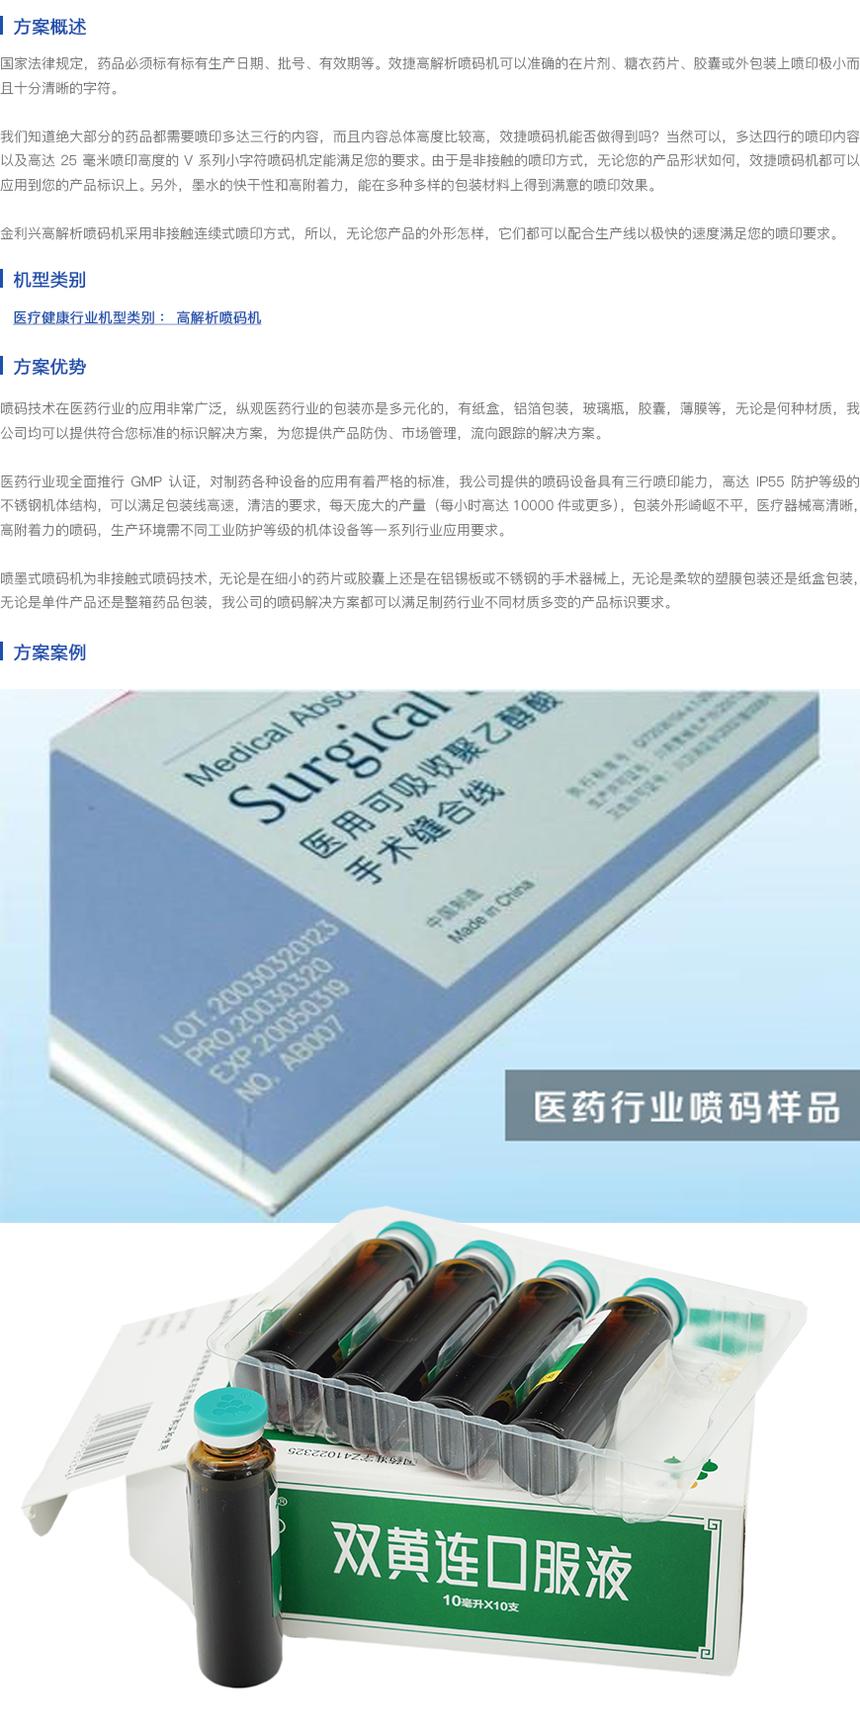 医疗健康行业应用详情.png